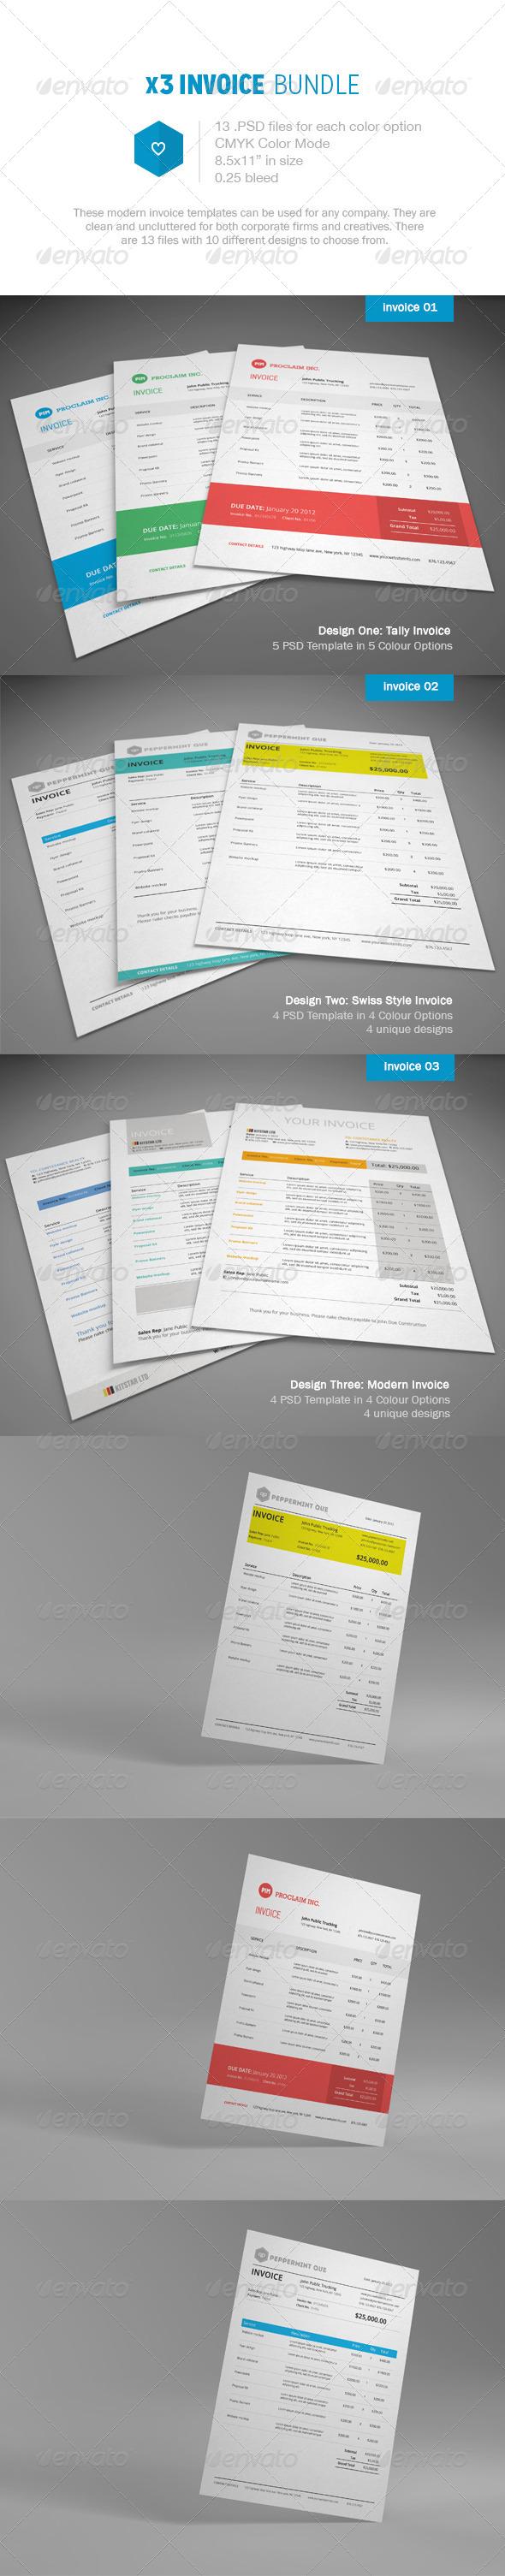 GraphicRiver Invoice Bundle 6061775